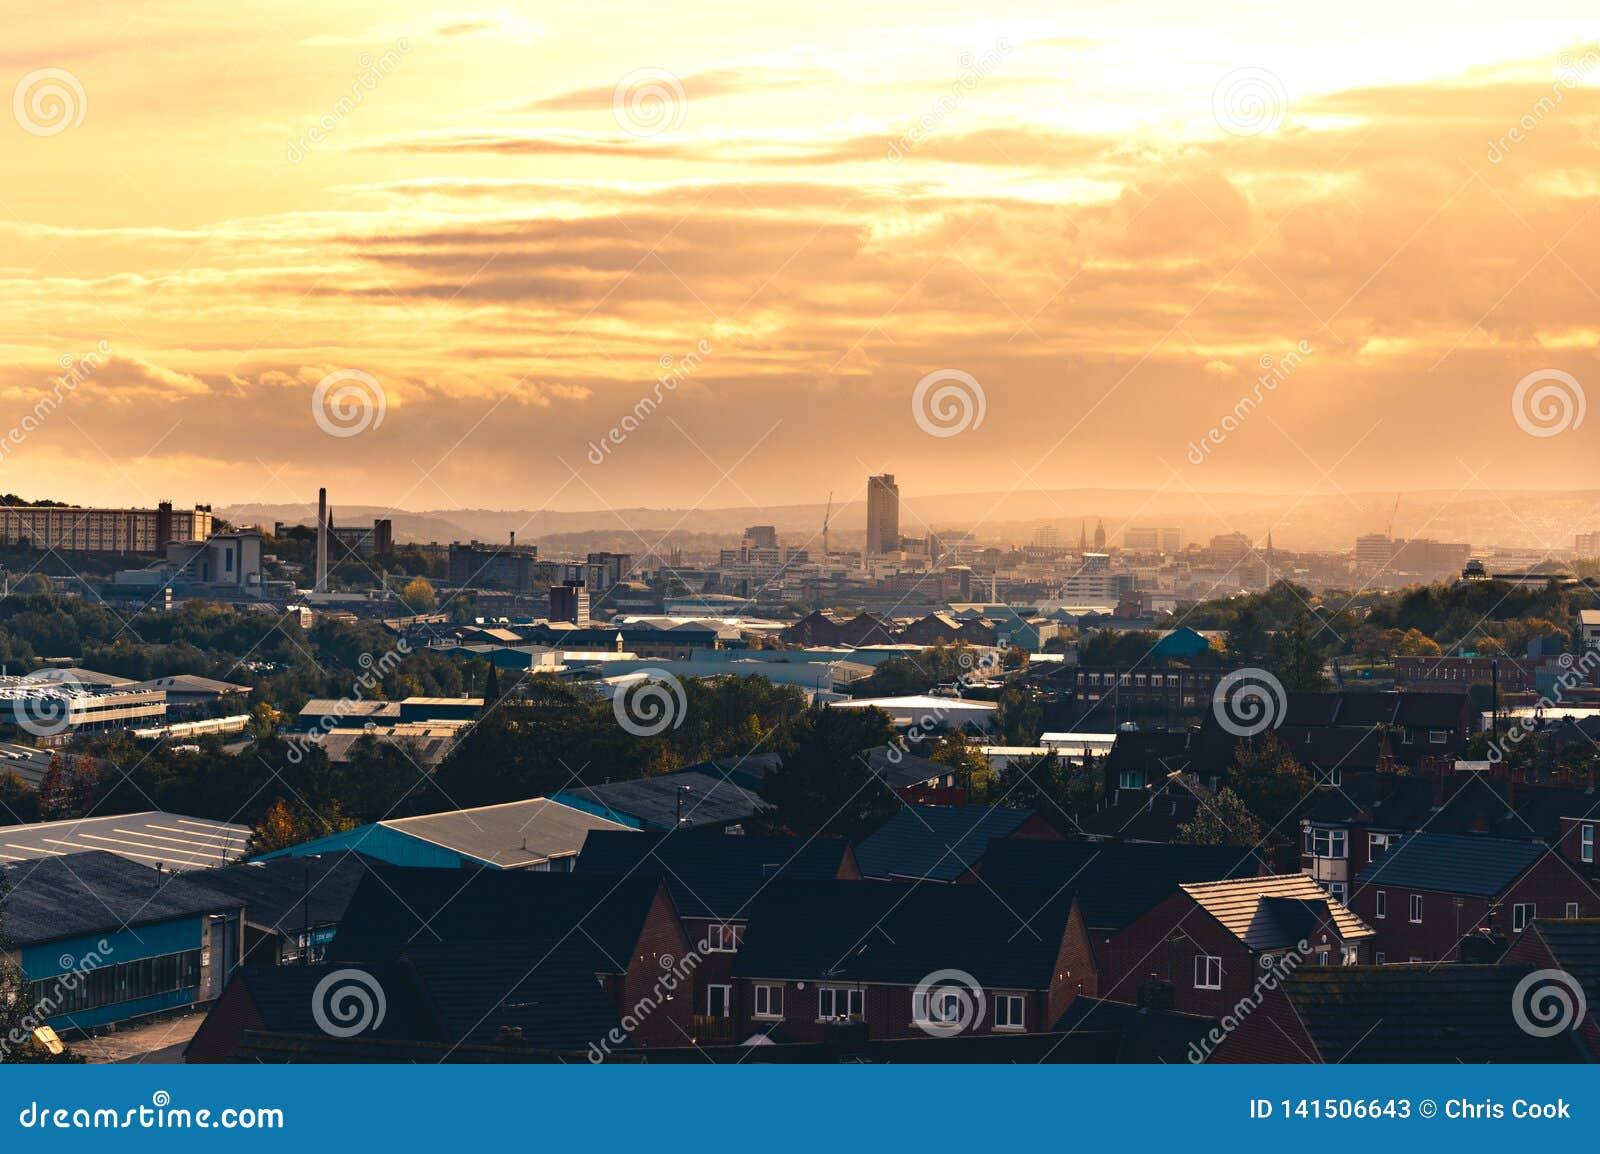 Ein warmer orange Sonnenuntergang hinter Wolken über Sheffield, South Yorkshire, Großbritannien